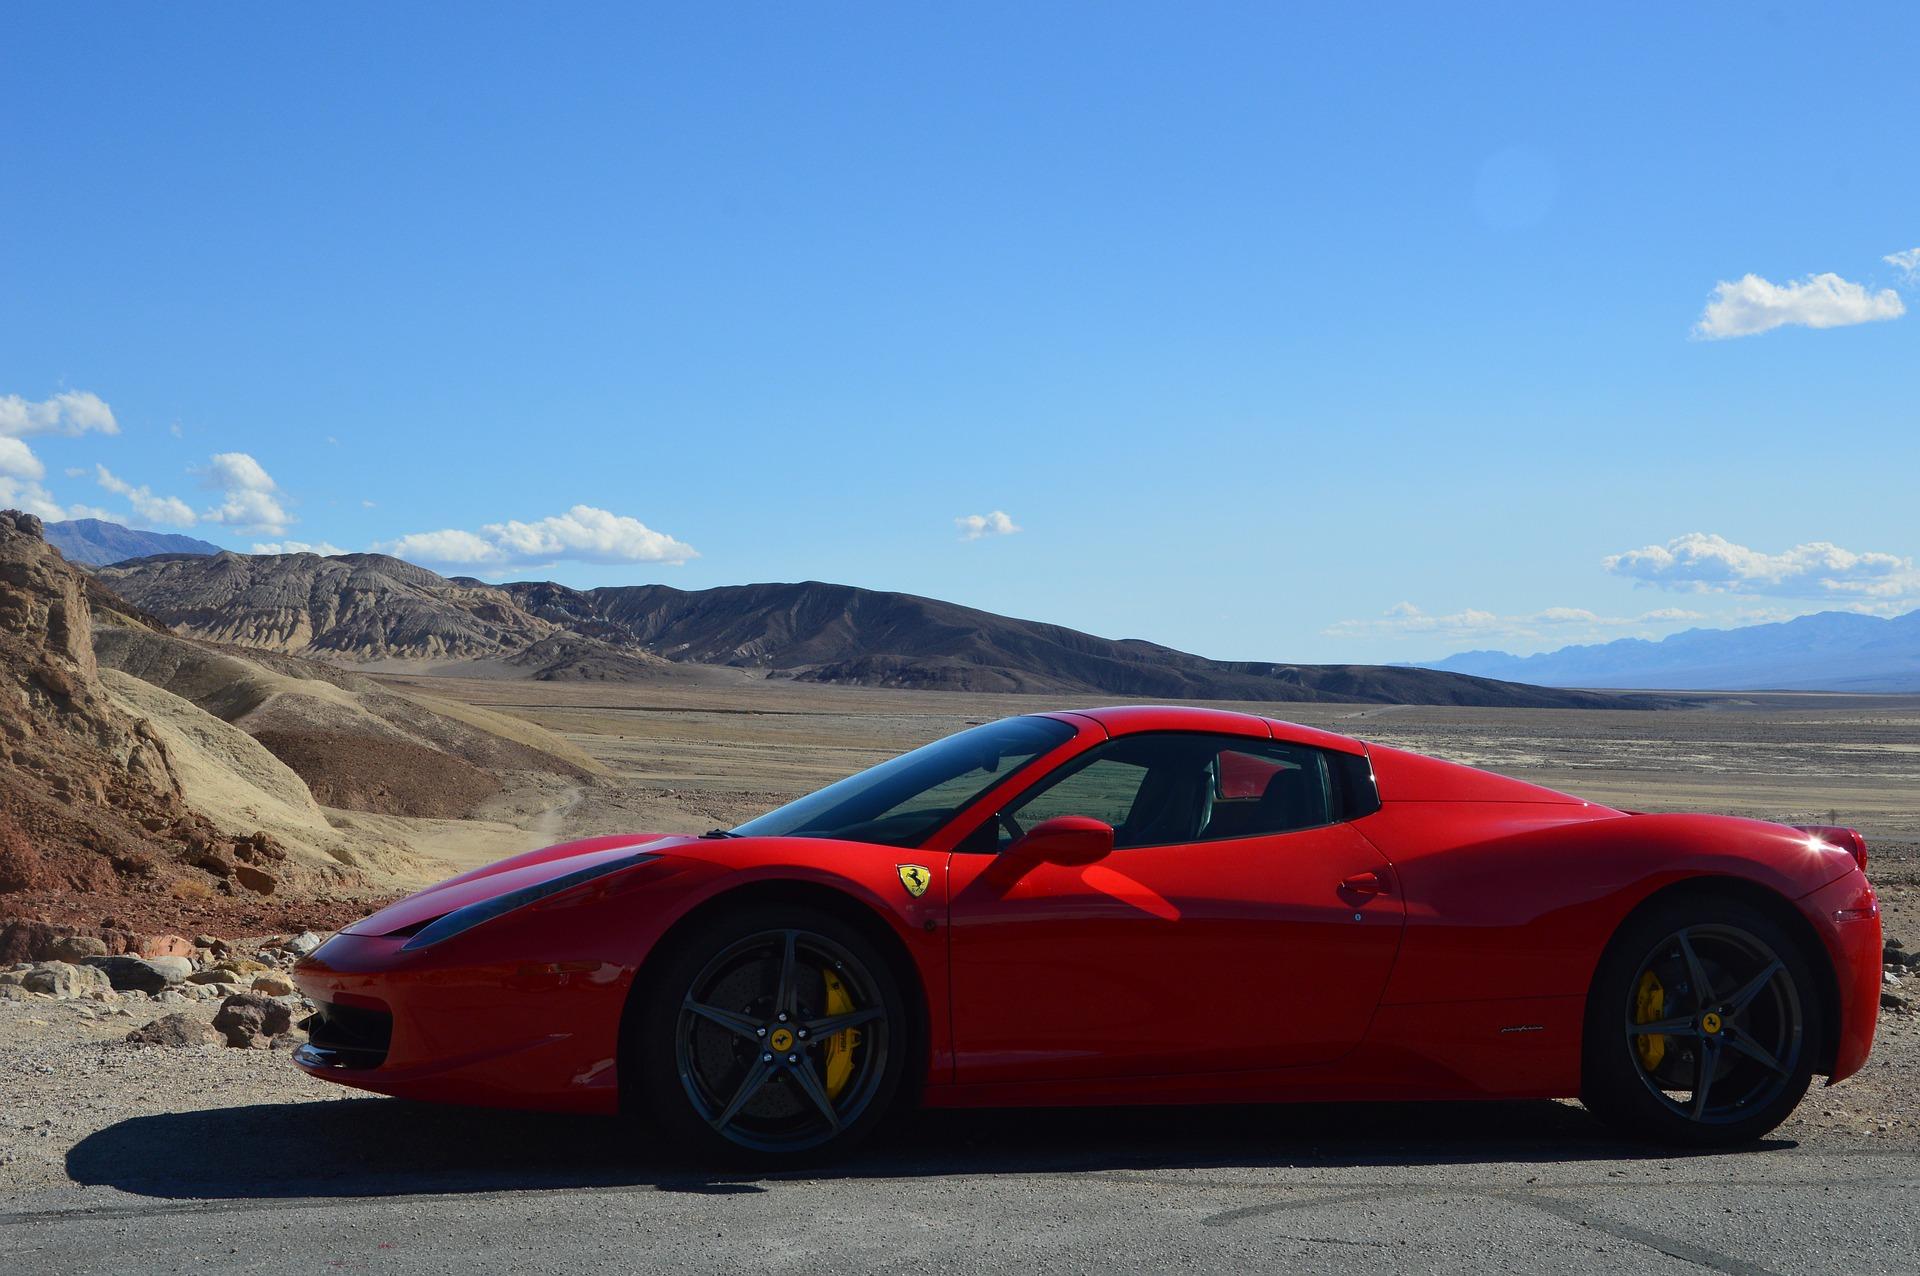 Wie wäre es mit einem Ferrari durch die Westküste USA's zu reisen Check24 Mietwagen macht es möglich